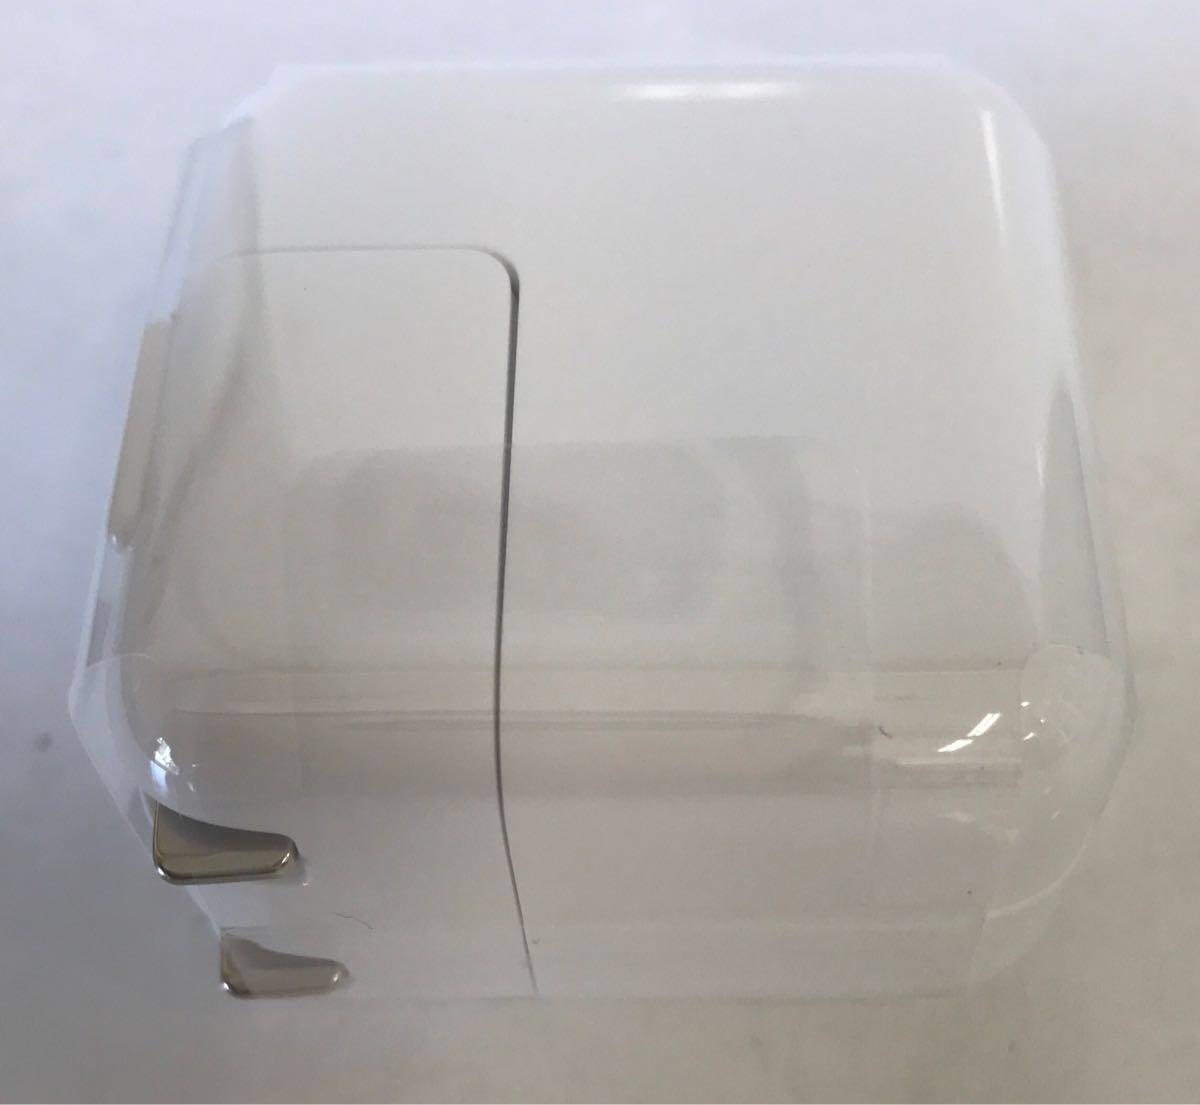 【Apple純正品】 iPad付属品 USB充電器(10W)、ライトニングケーブル【未使用】本体無し_画像3